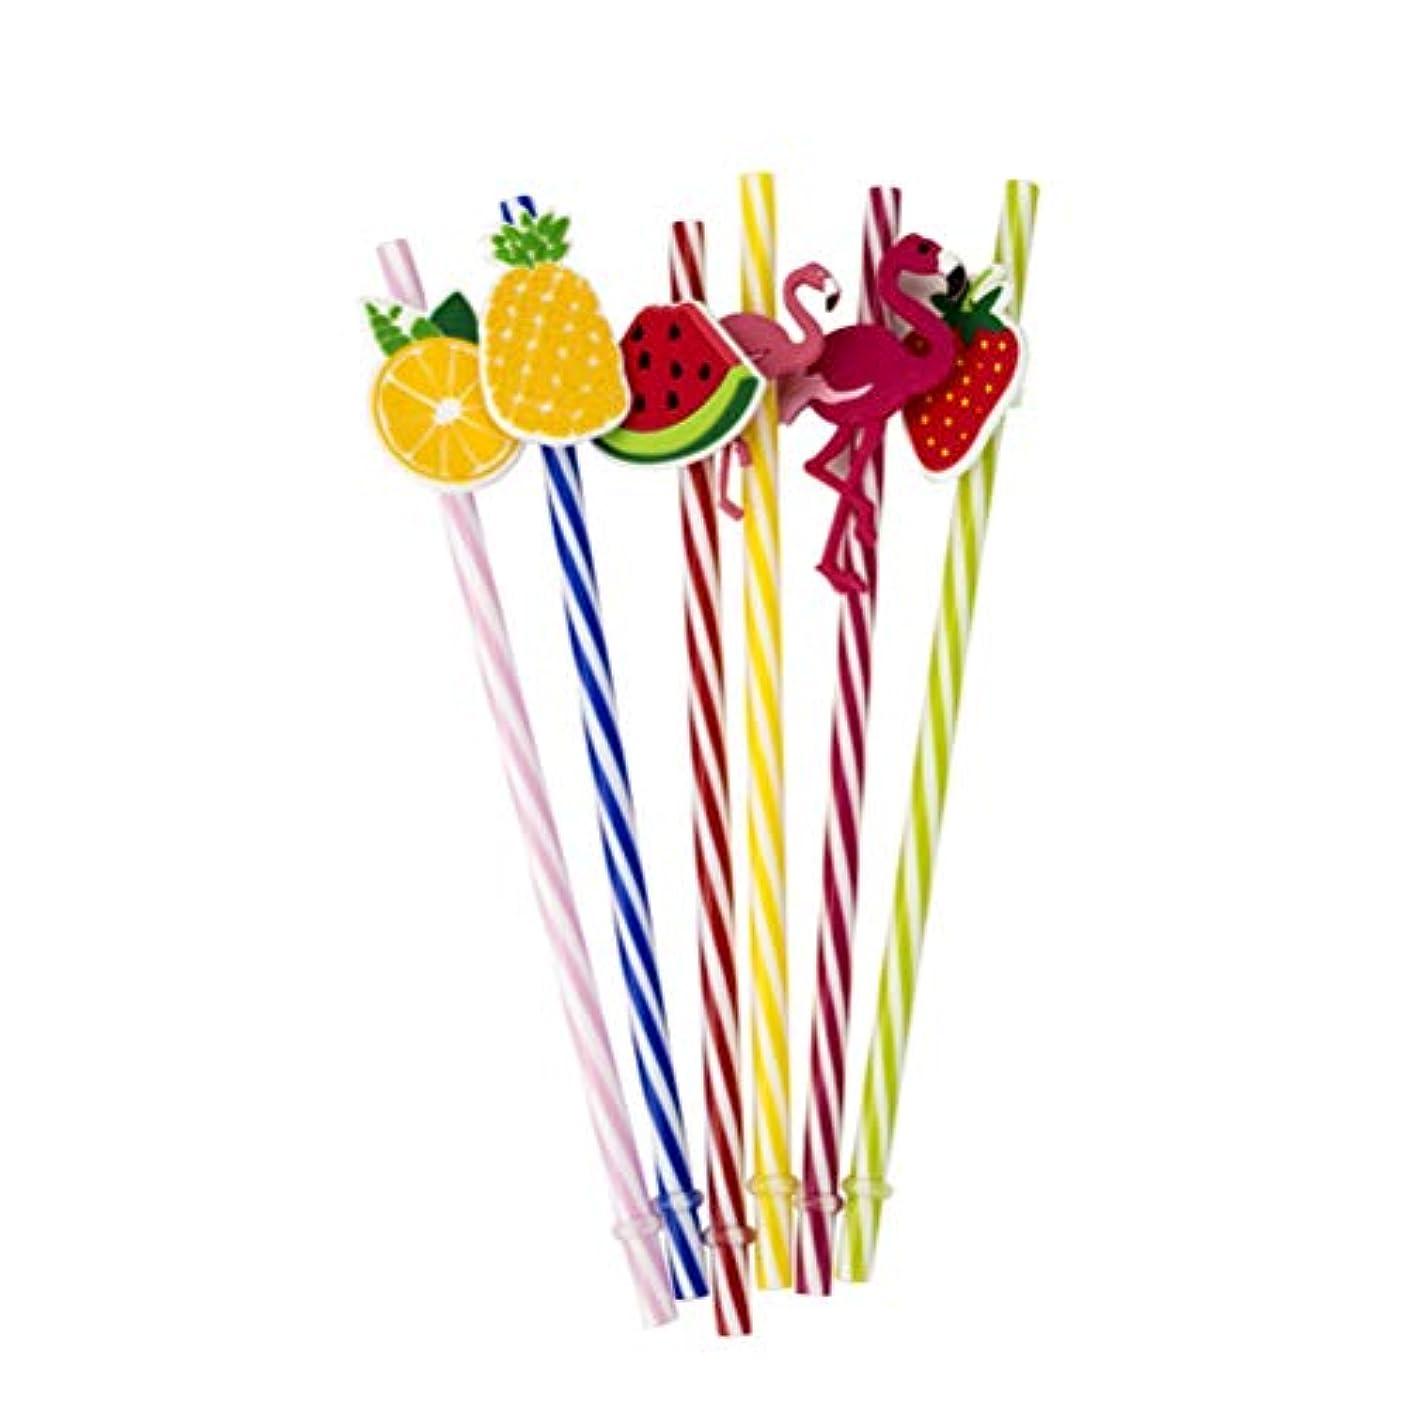 ピカソメアリアンジョーンズマエストロAmosfun 25ピース飲料ストロー再利用可能なプラスチックストローフラミンゴパイナップルハワイパーティー結婚式誕生日パーティー装飾用品